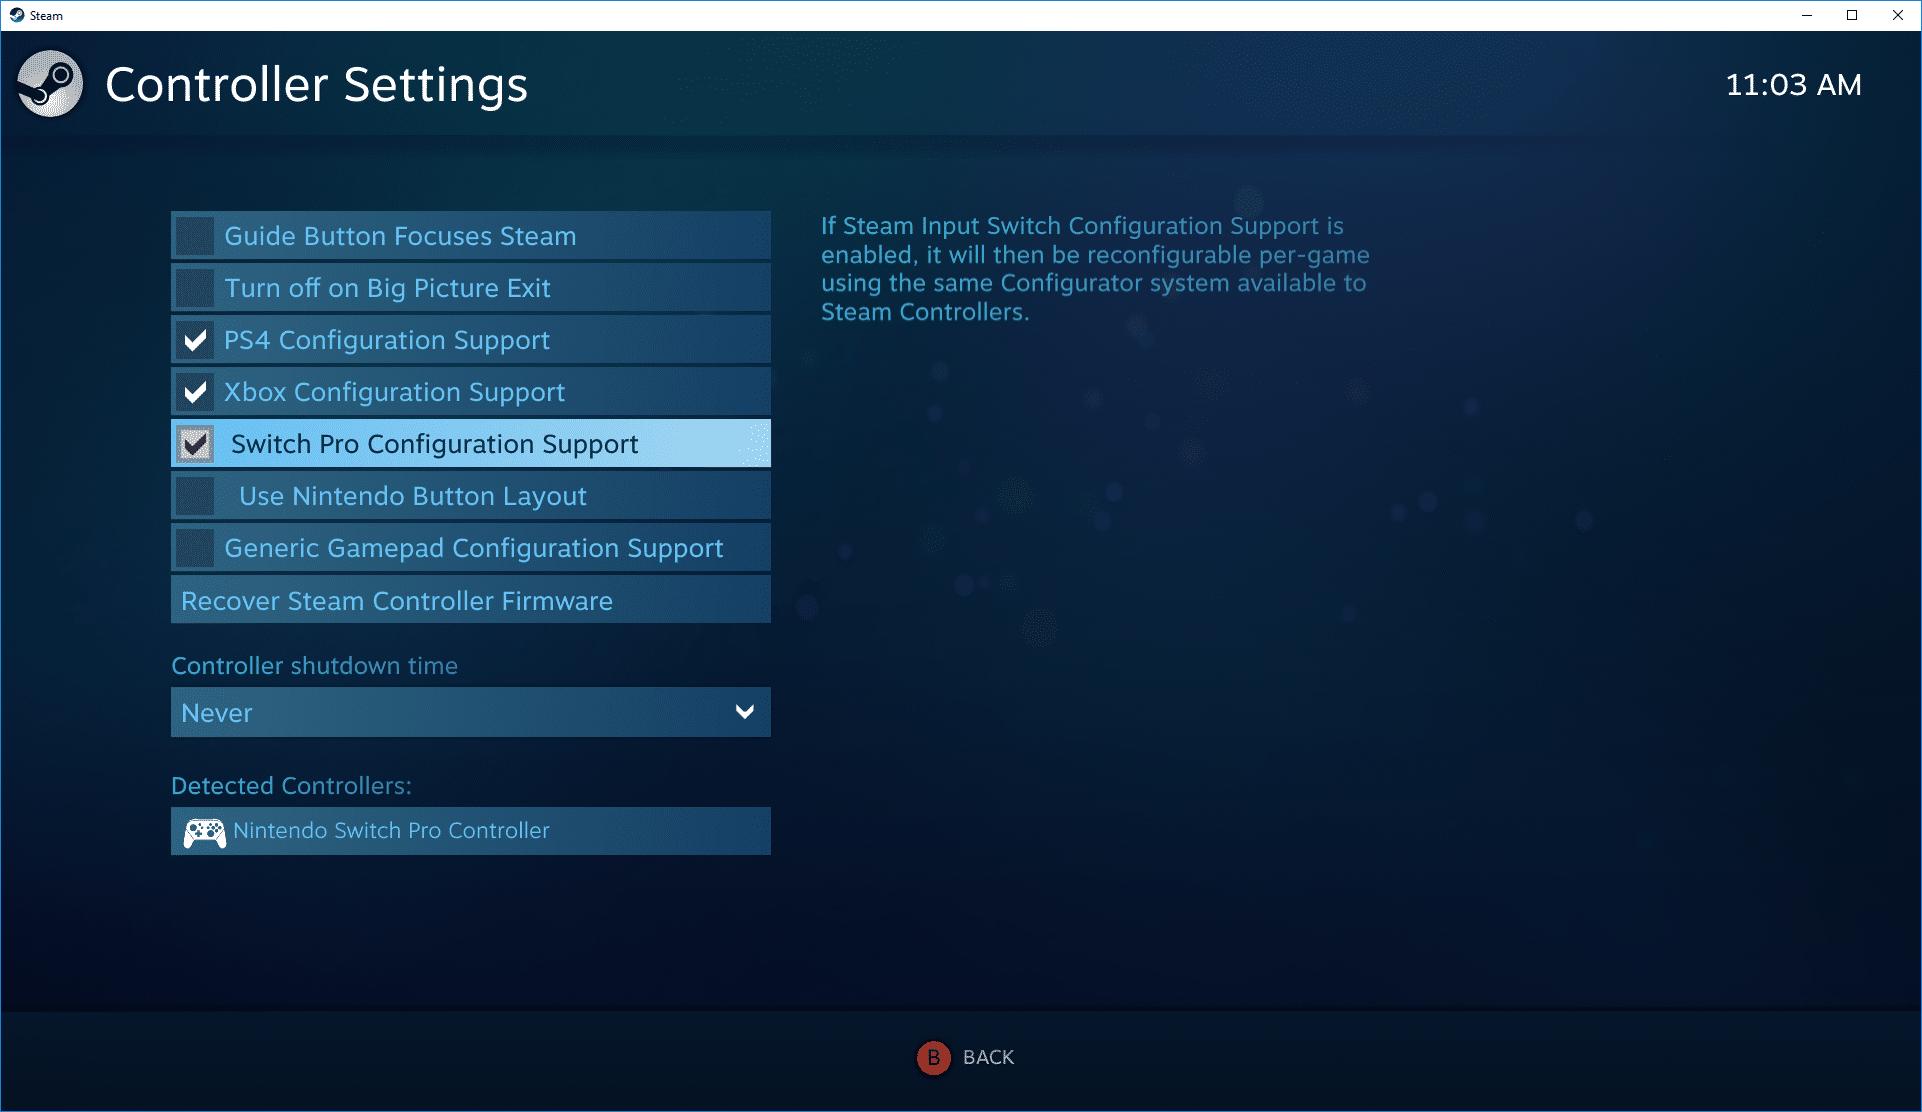 steam-adiciona-suporte-ao-controle-nintendo-switch-pro